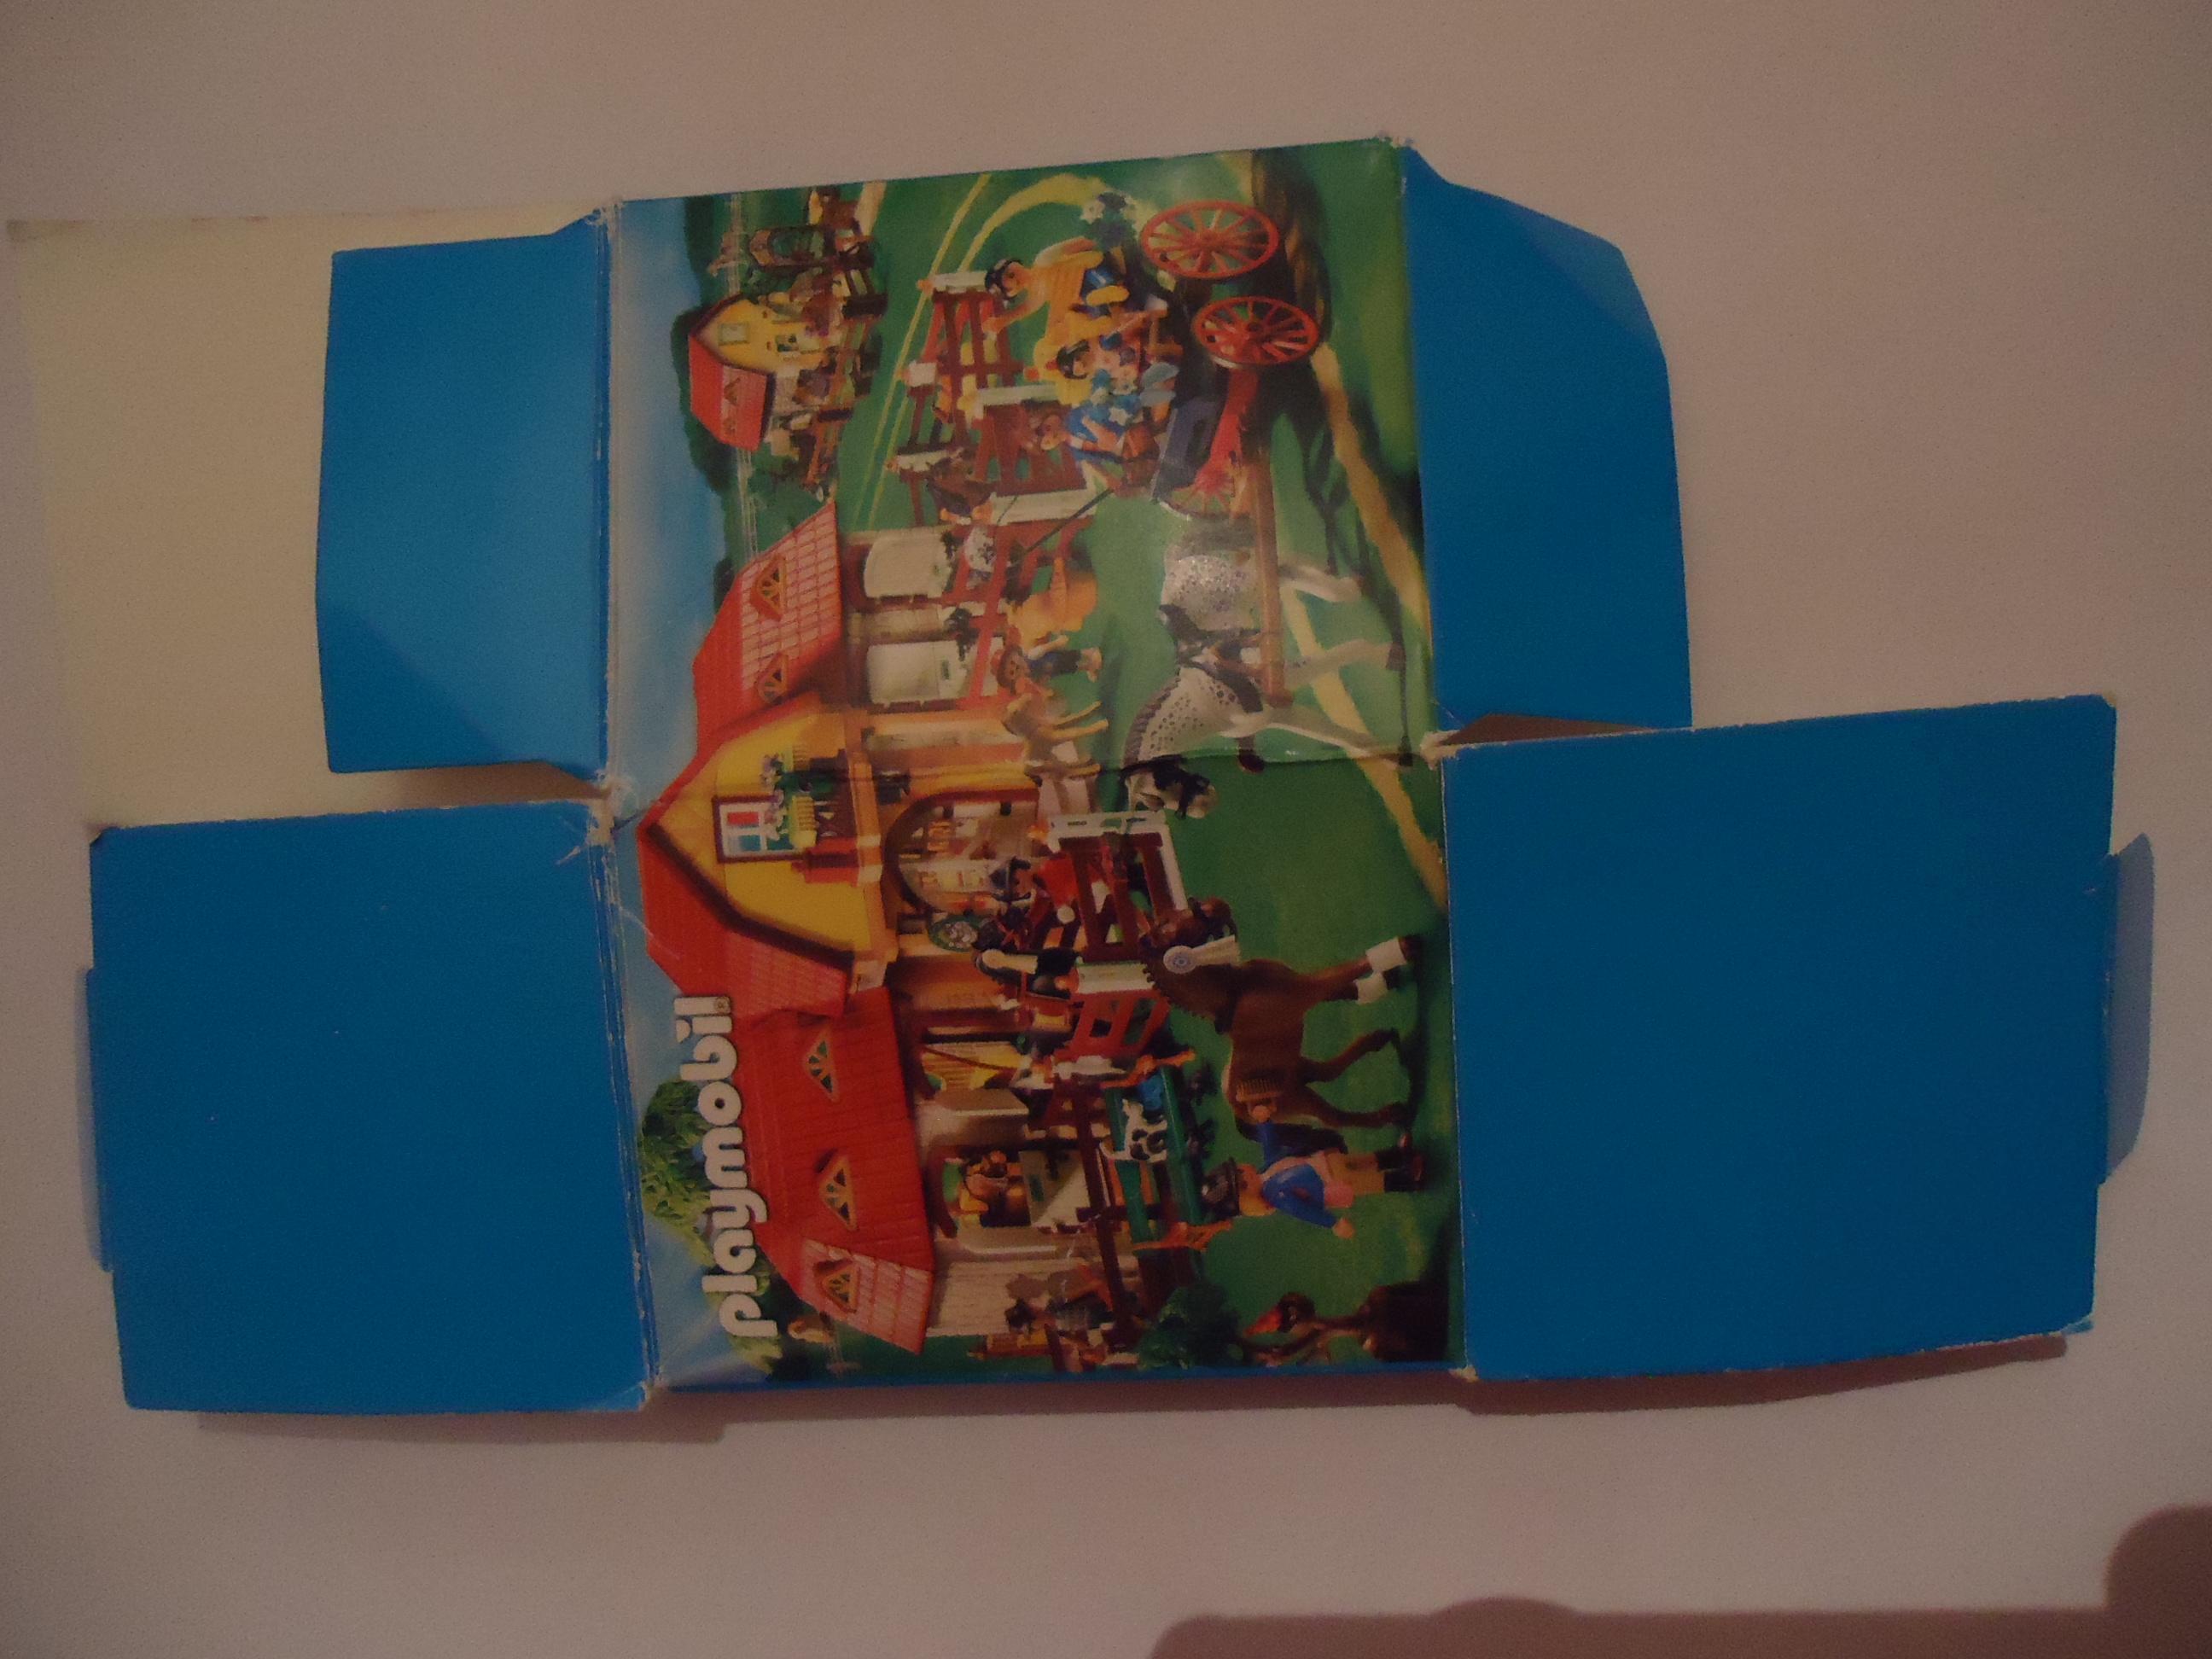 troc de troc puzzle playmobil dans son emballage tbe image 2